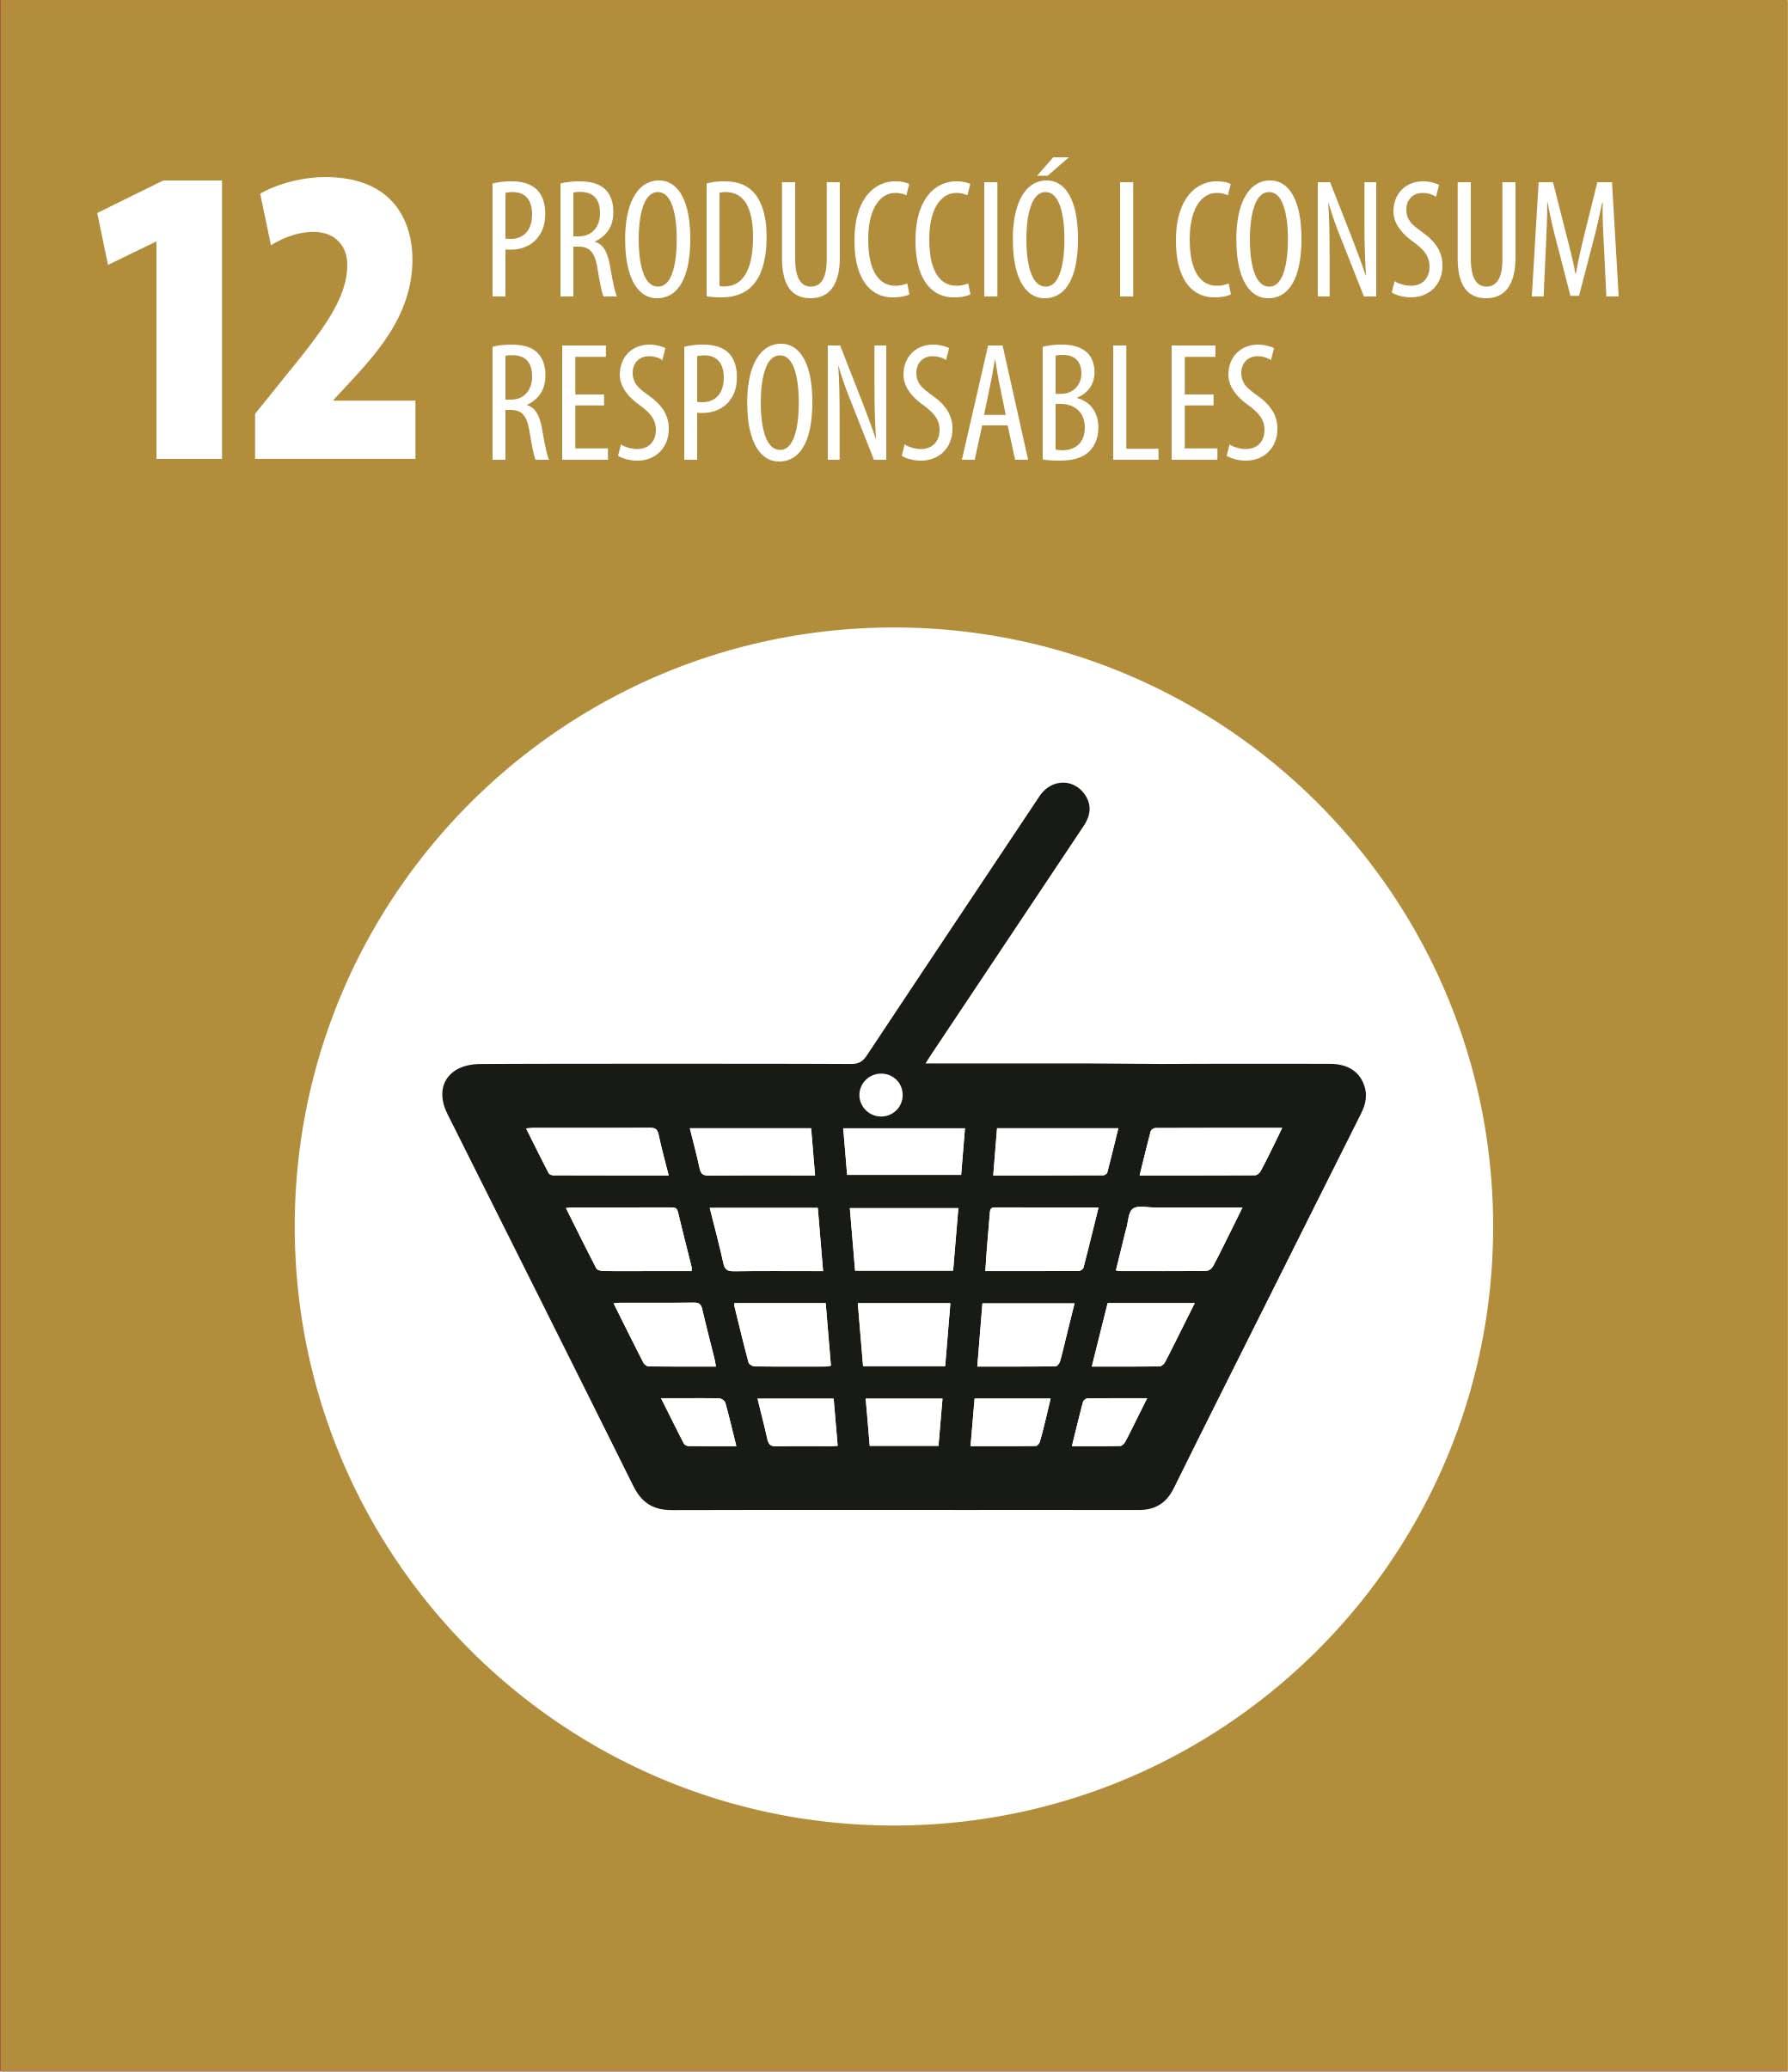 ODS 12 Produccio i consum responsables